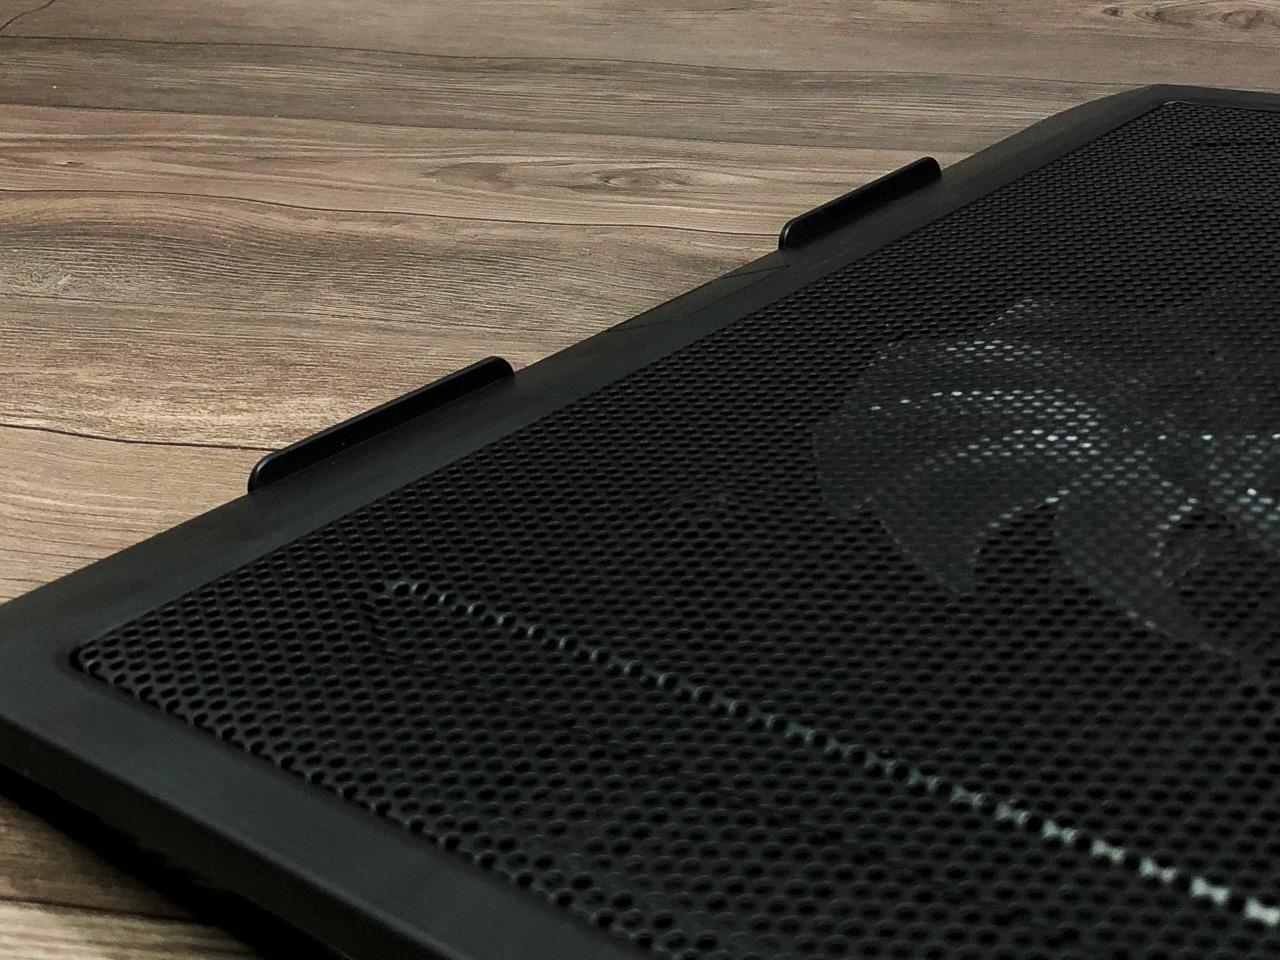 đế tản nhiệt laptop 1 cánh lớn